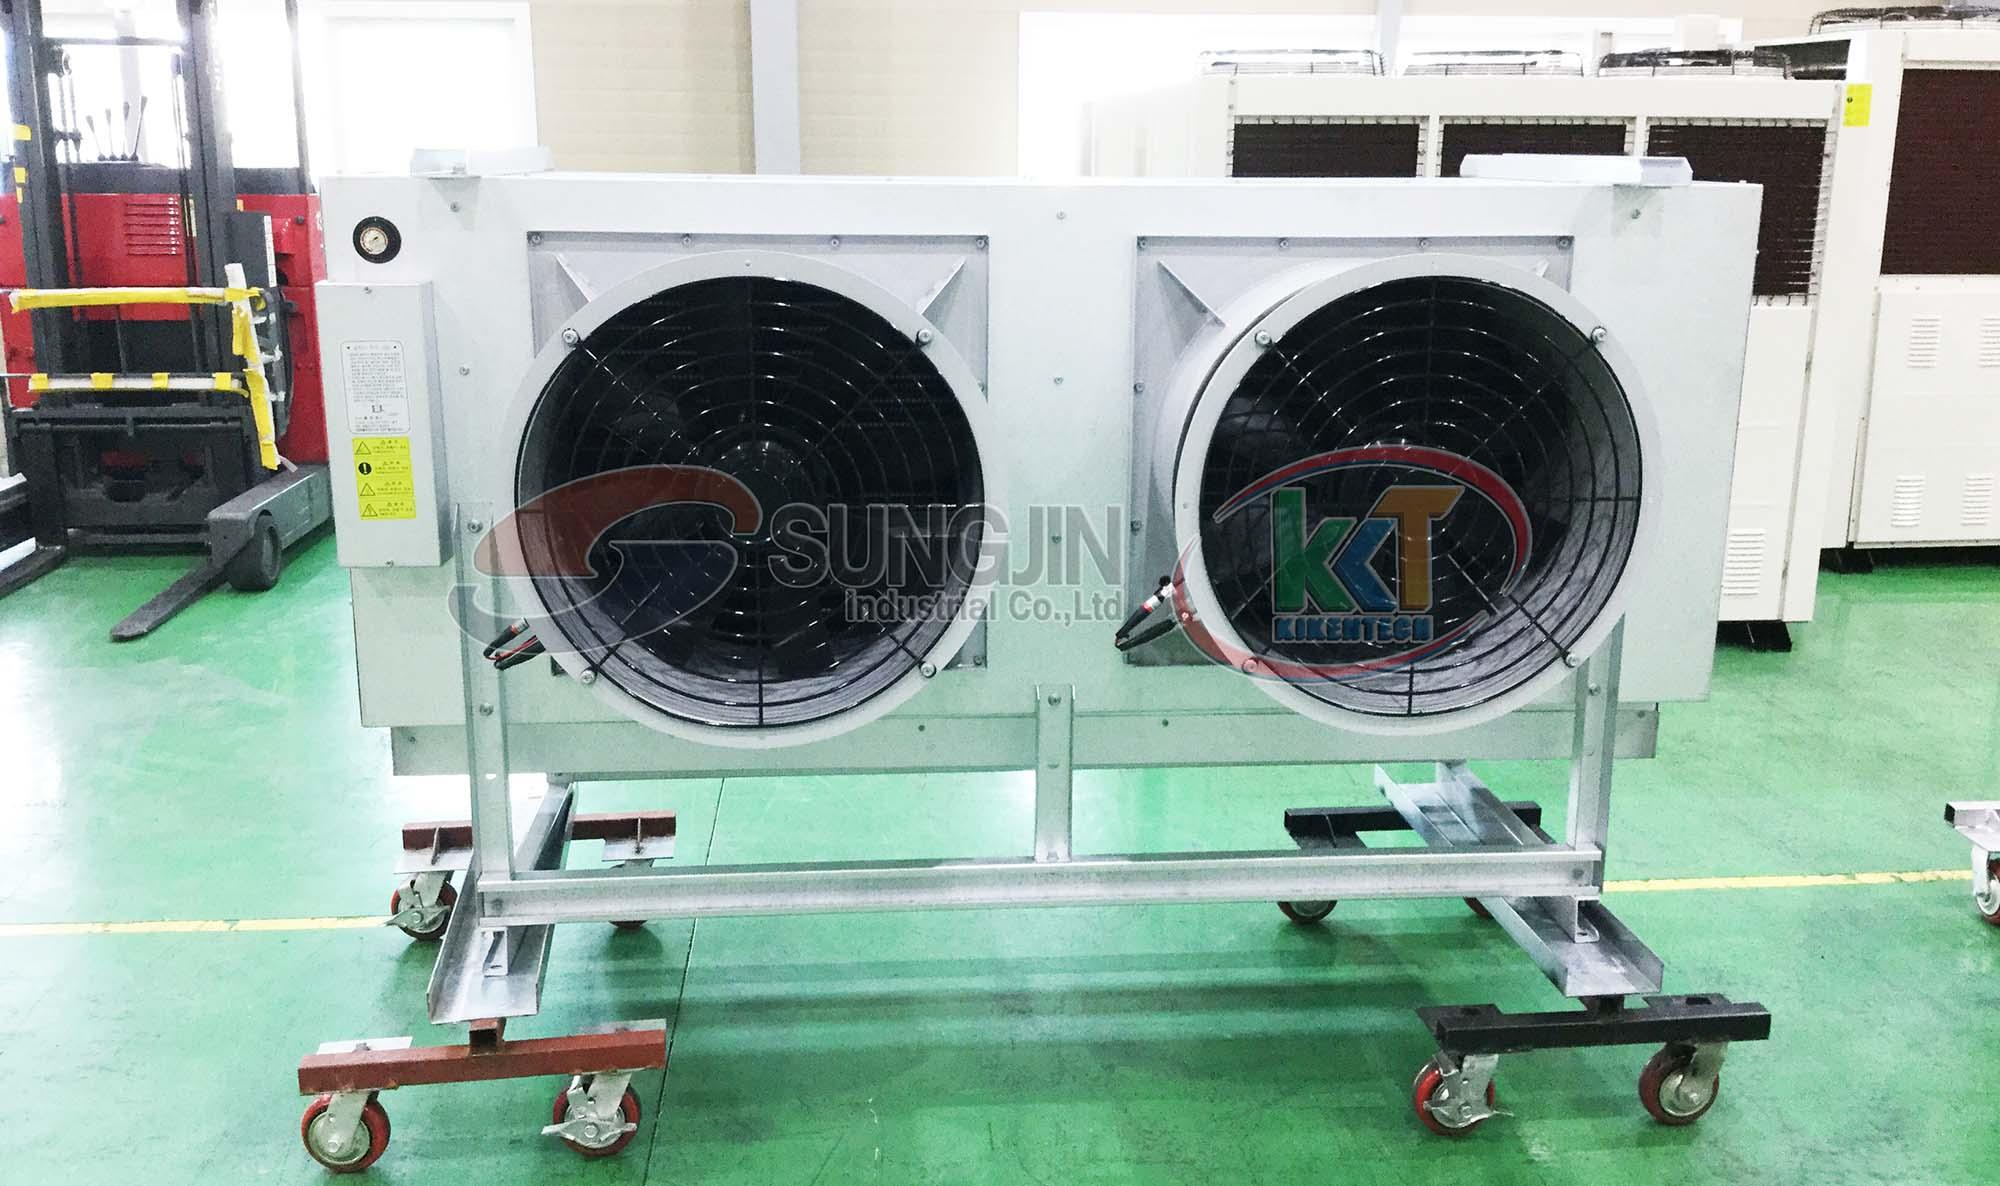 Dàn lạnh Sung Jin, dàn lạnh sungjin là dàn lạnh kho lạnh cao cấp với hiệu quả làm lạnh và chất lượng tuyệt vời. Được các kỹ sư lắp đặt kho lạnh săn lùng để làm kho lạnh giá rẻ. Mua dàn lạnh sung jin - dàn lạnh Sungjin, dàn lạnh công nghiệp Sungjin, dàn lạnh công nghiệp sung jin 0944.899.886